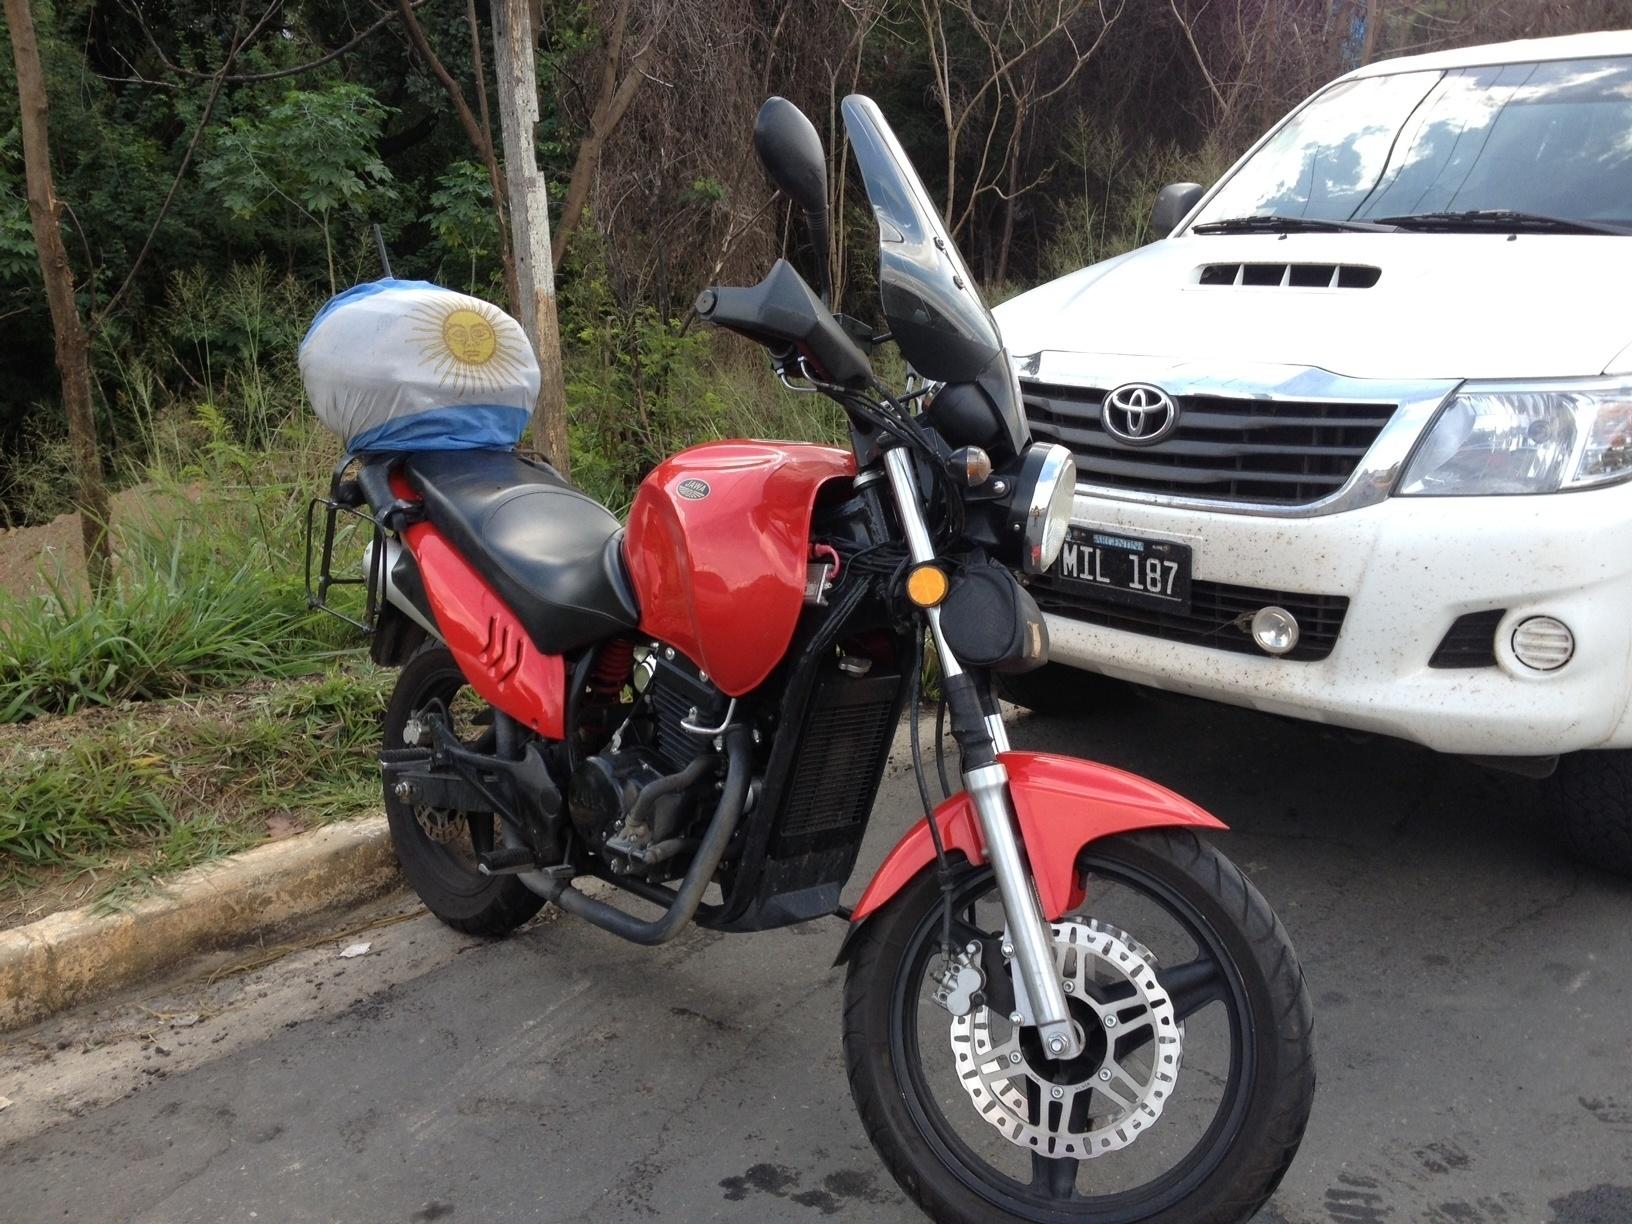 20.jun.2014 - Até as motos são decoradas com bandeiras argentinas